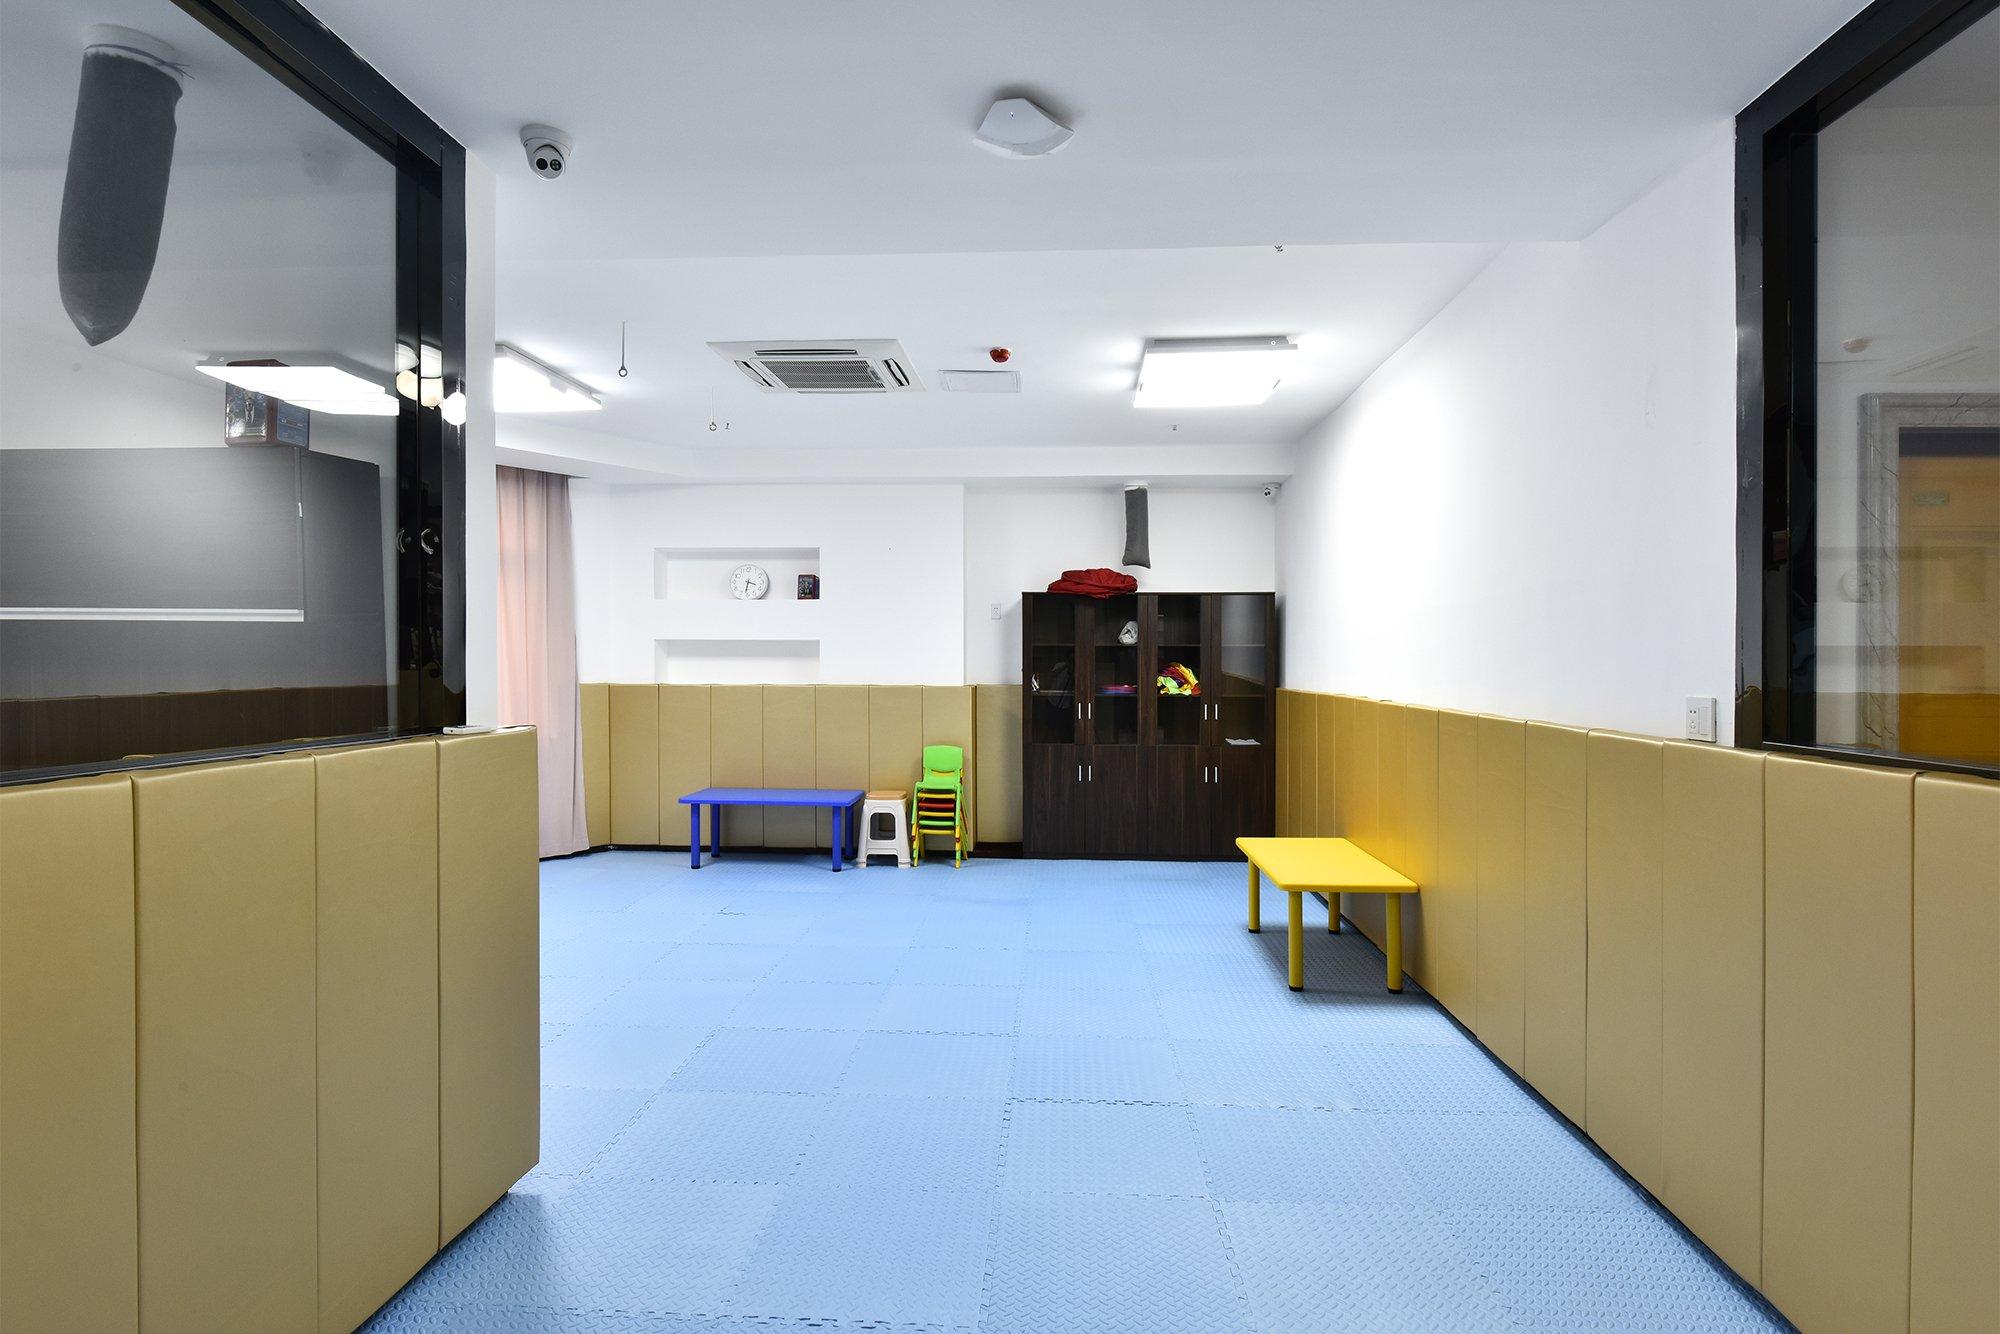 PCI社交游戏室